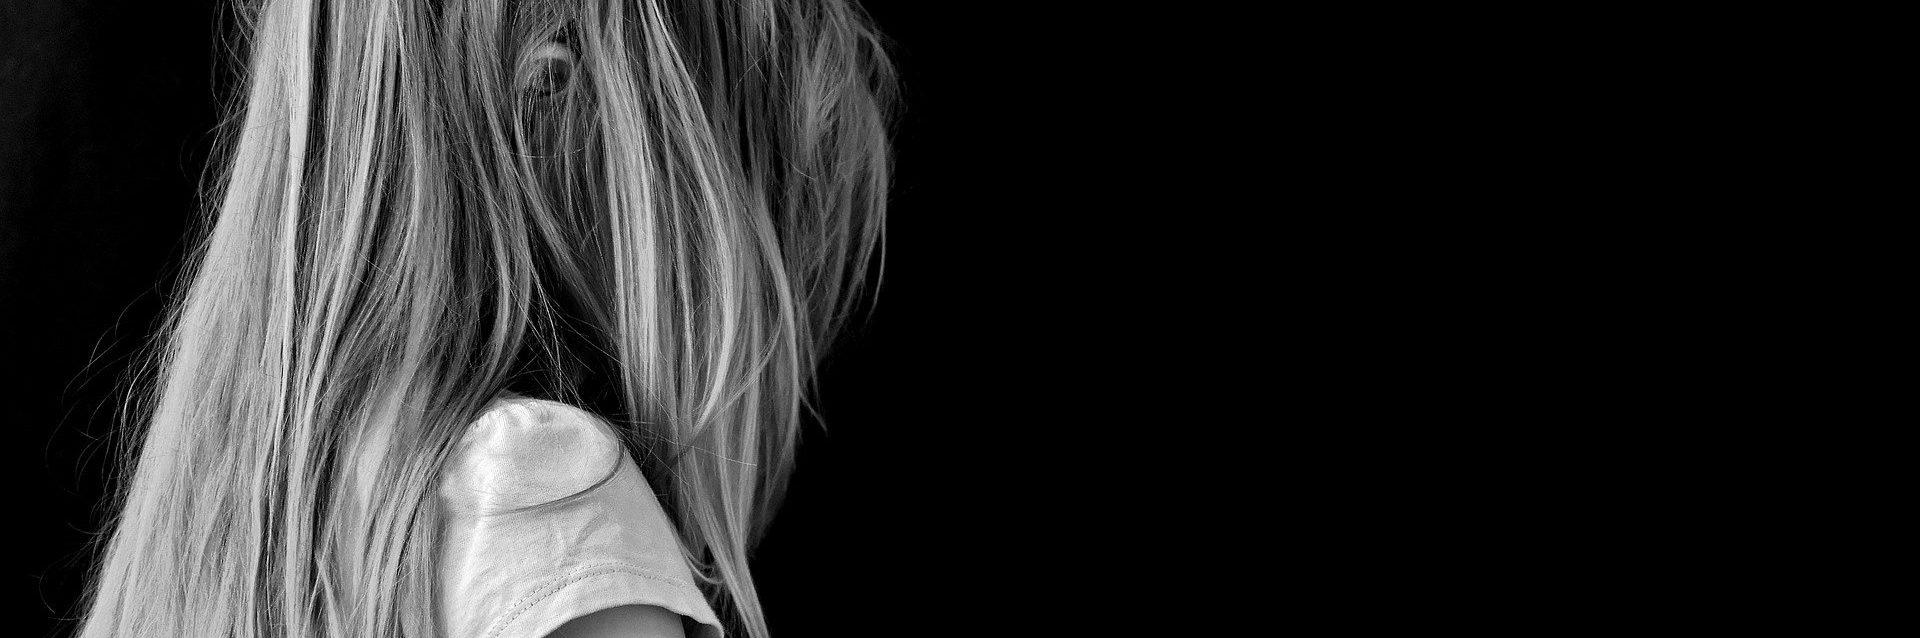 La niña rubia es un relato escrito por Miguel Rodríguez Echeandía para su blog personal dentro de sus relatos de los domingos.